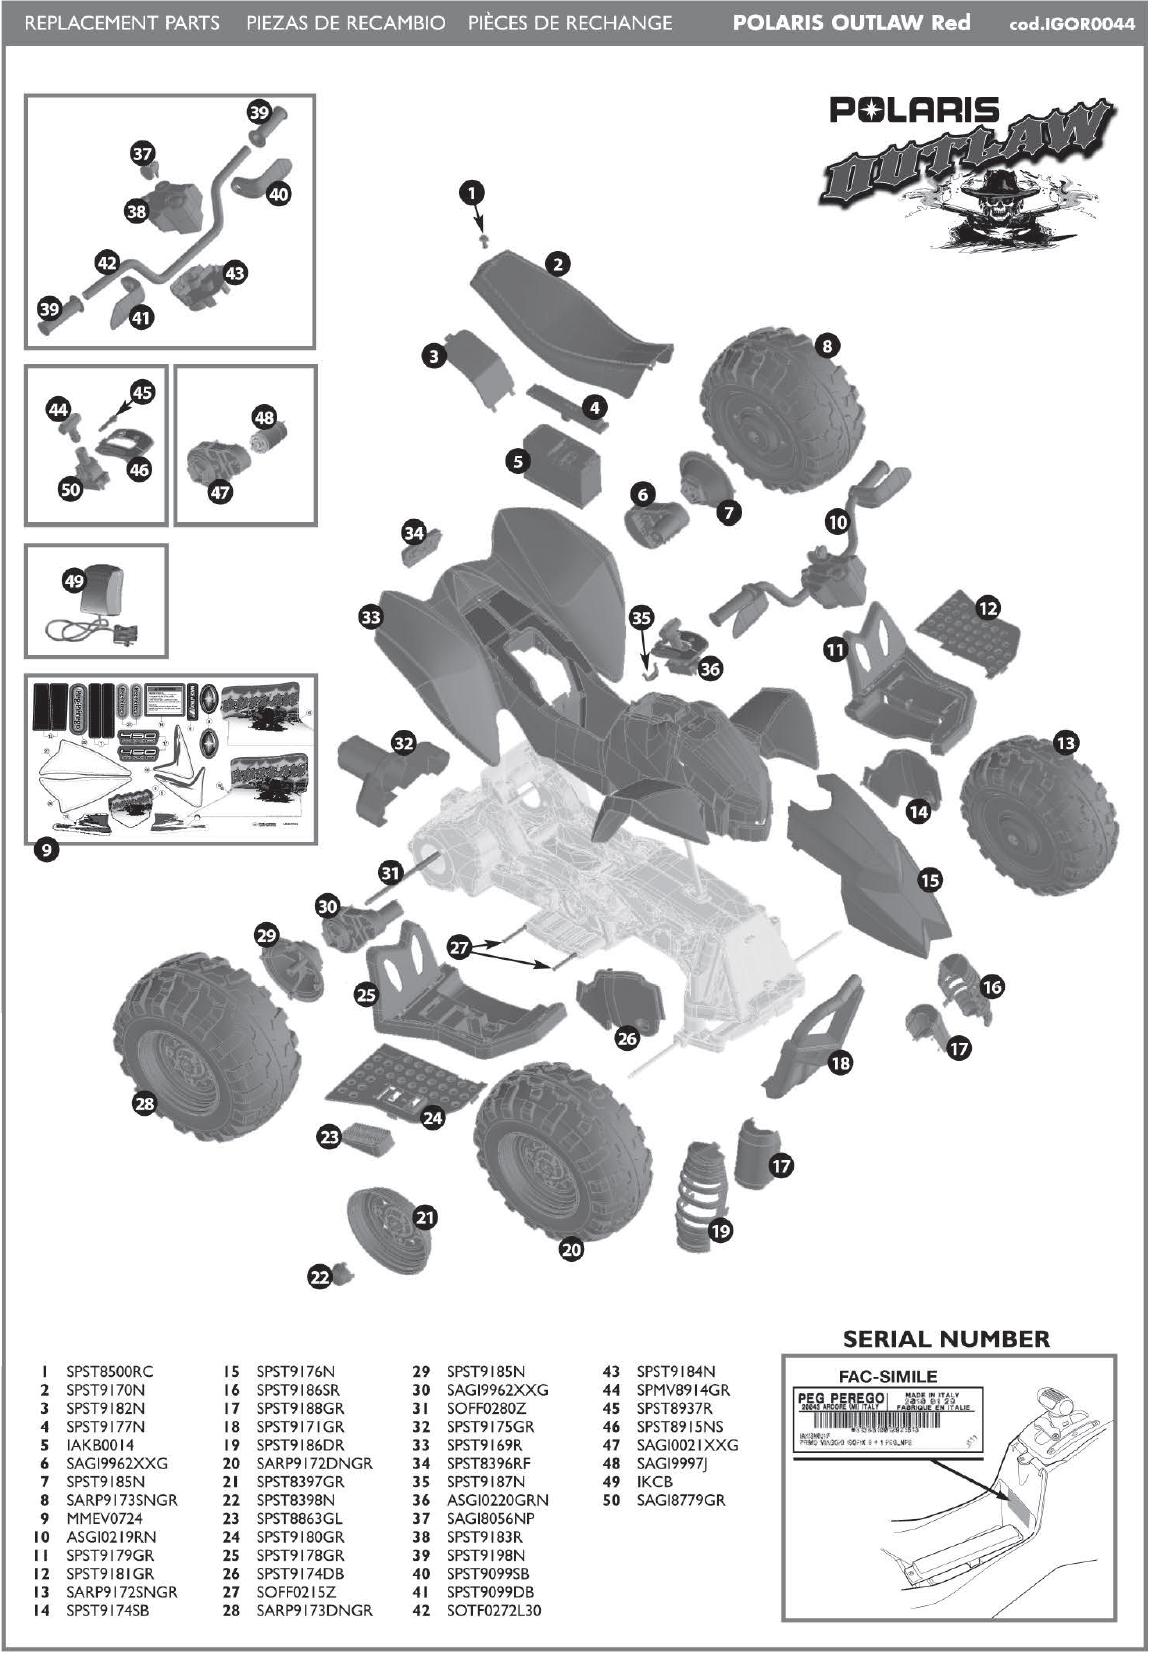 IGOR0045 parts diagram